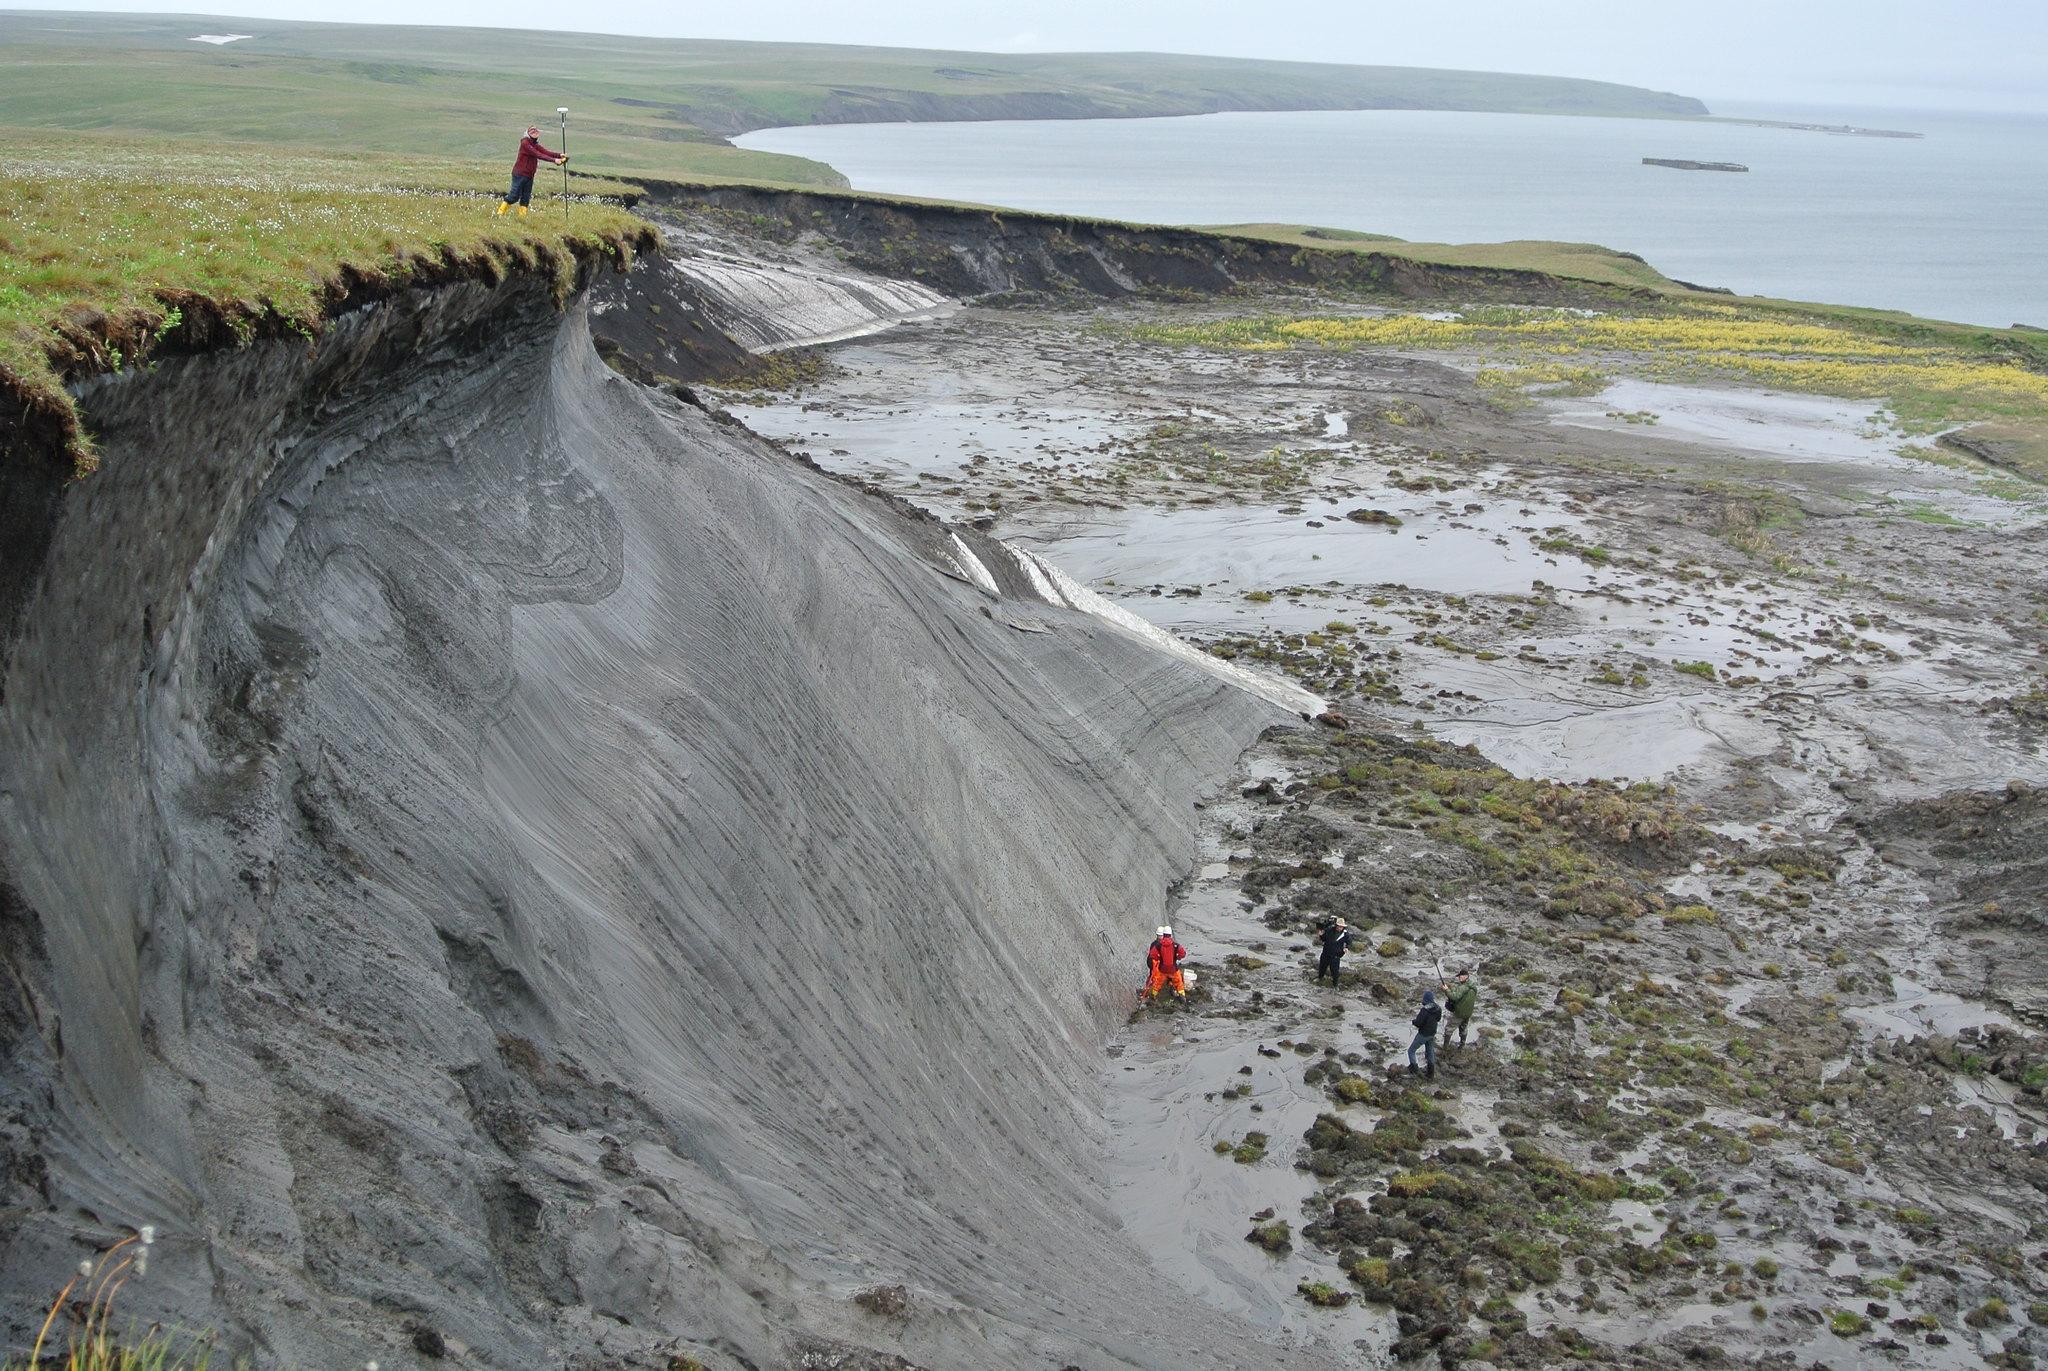 El paisaje de la isla Herschel (Canadá) muestra signos del deshielo del 'permafrost'. Imagen: Boris Radosavljevic / CSIC